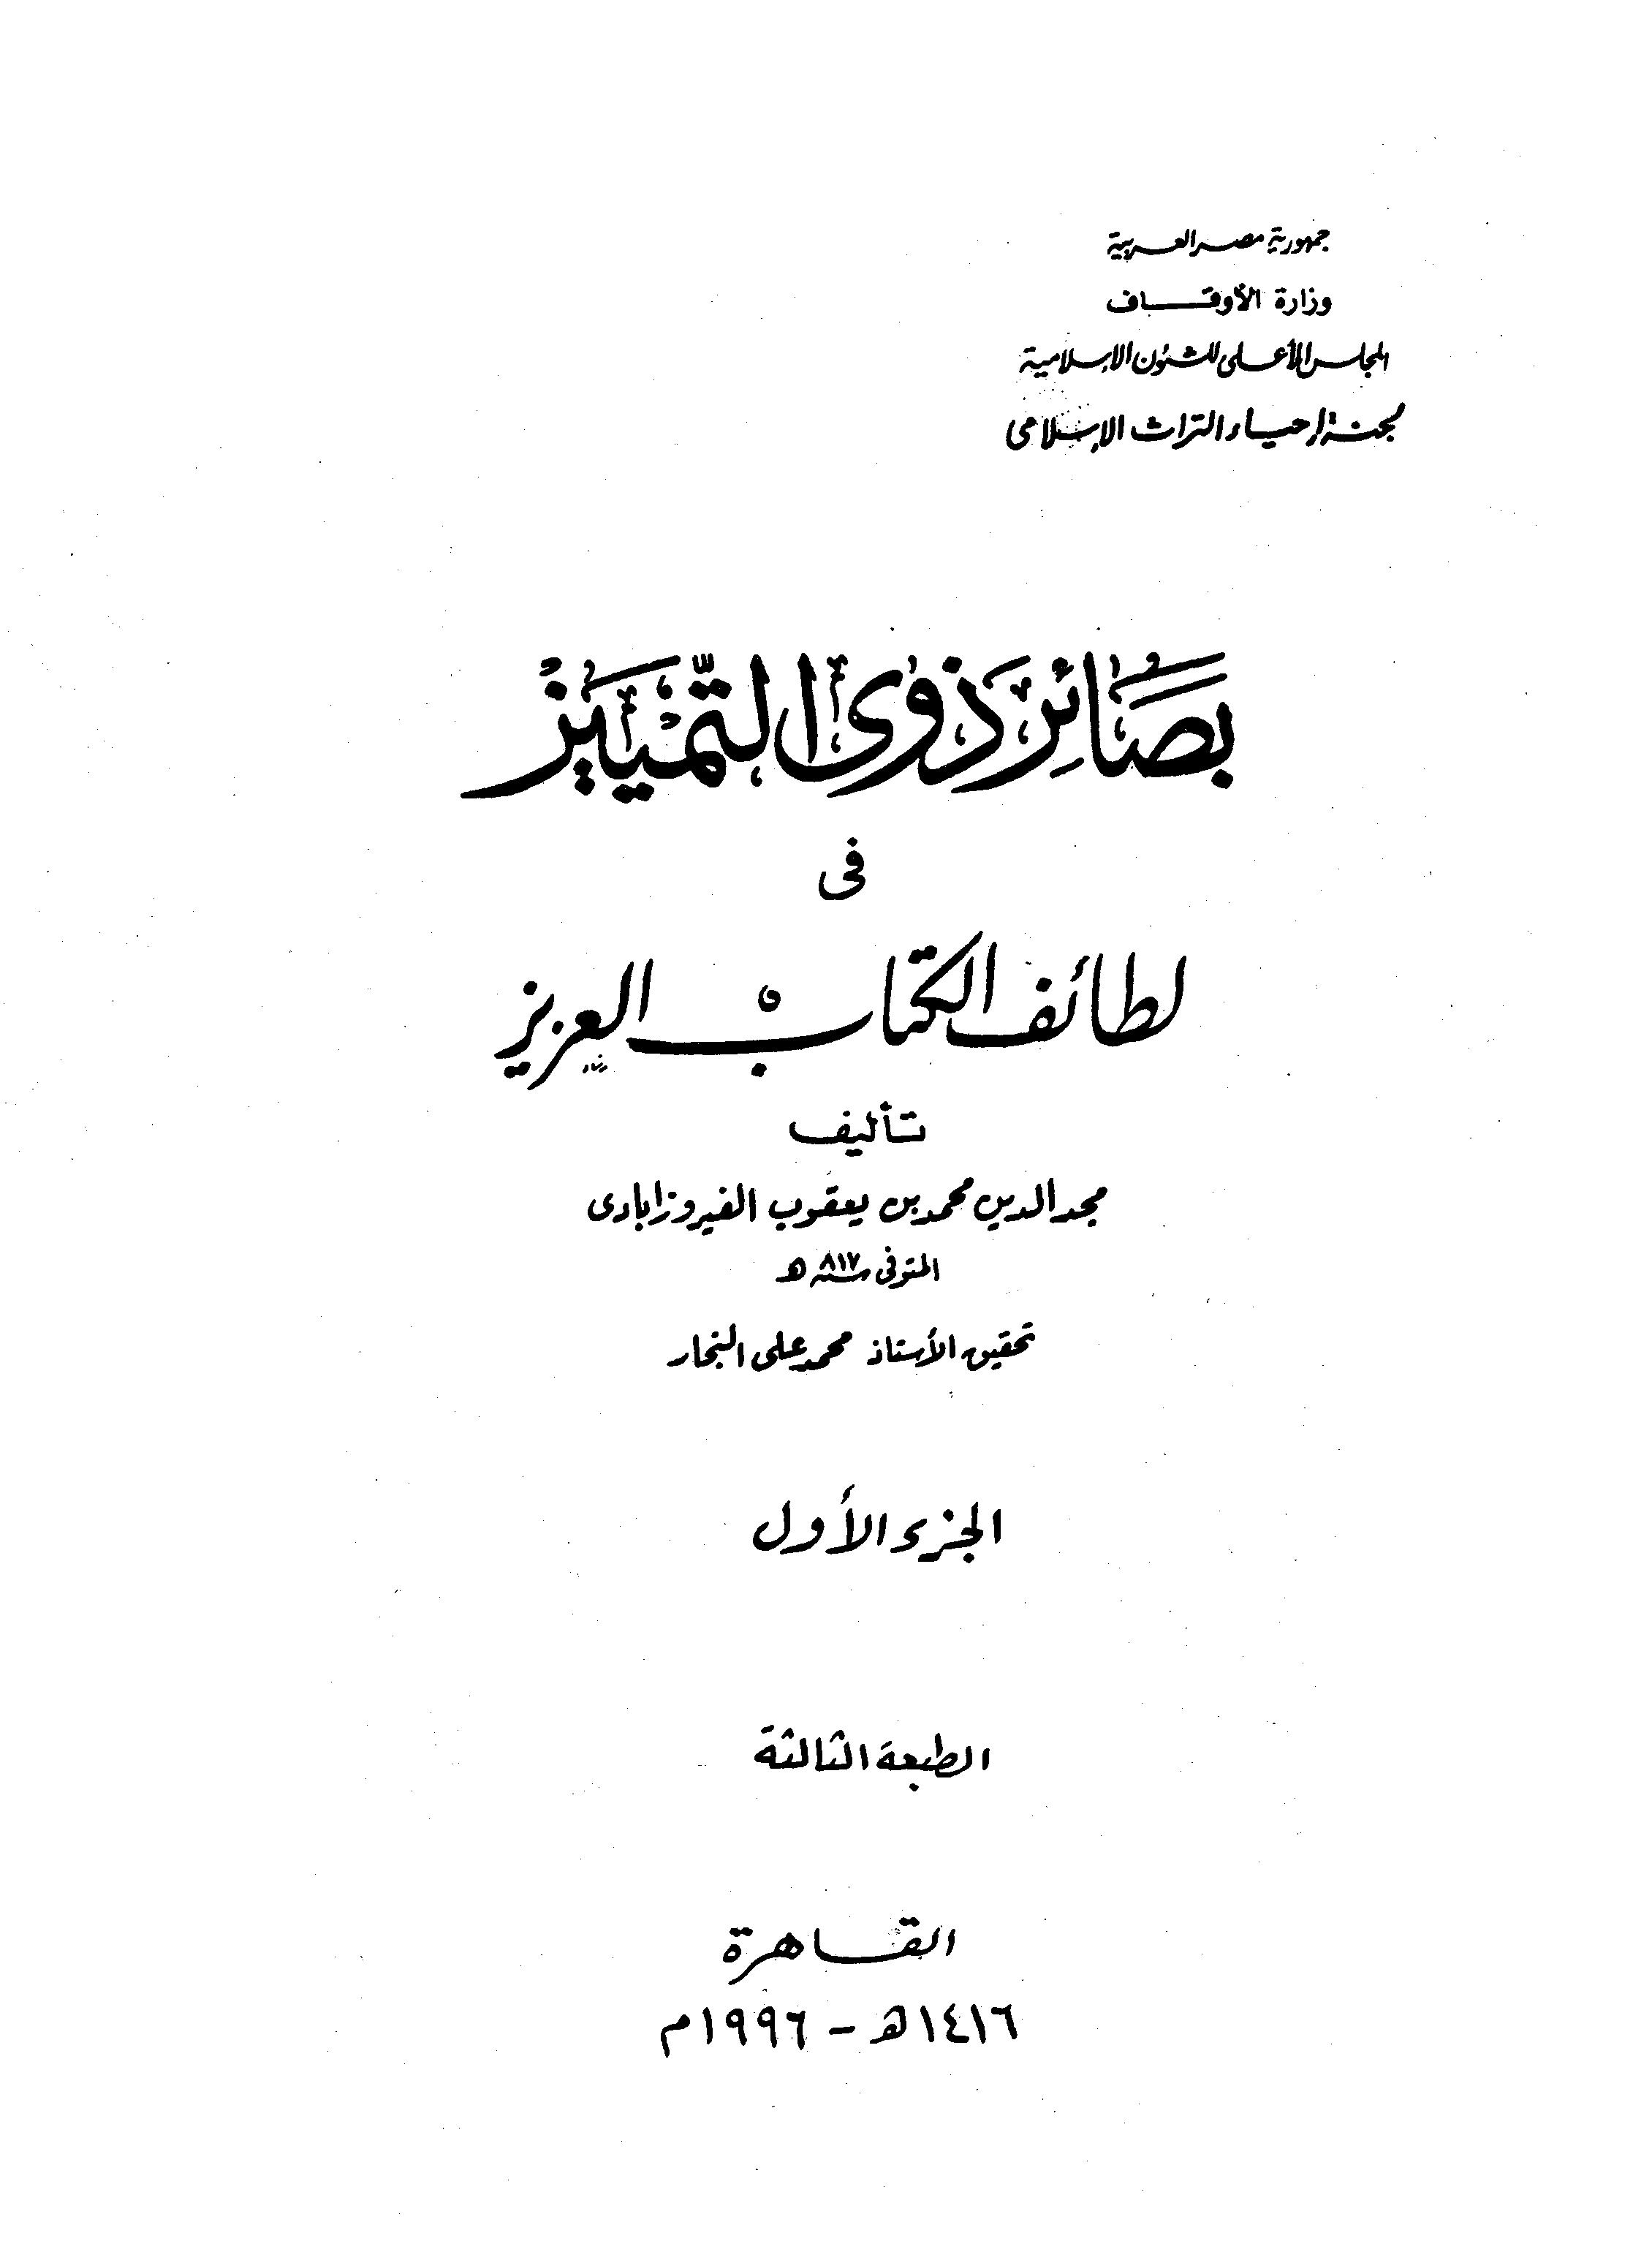 تحميل كتاب بصائر ذوي التمييز في لطائف الكتاب العزيز (ت النجار) لـِ: الإمام مجد الدين أبو طاهر محمد بن يعقوب الفيروزآبادي (ت 817)